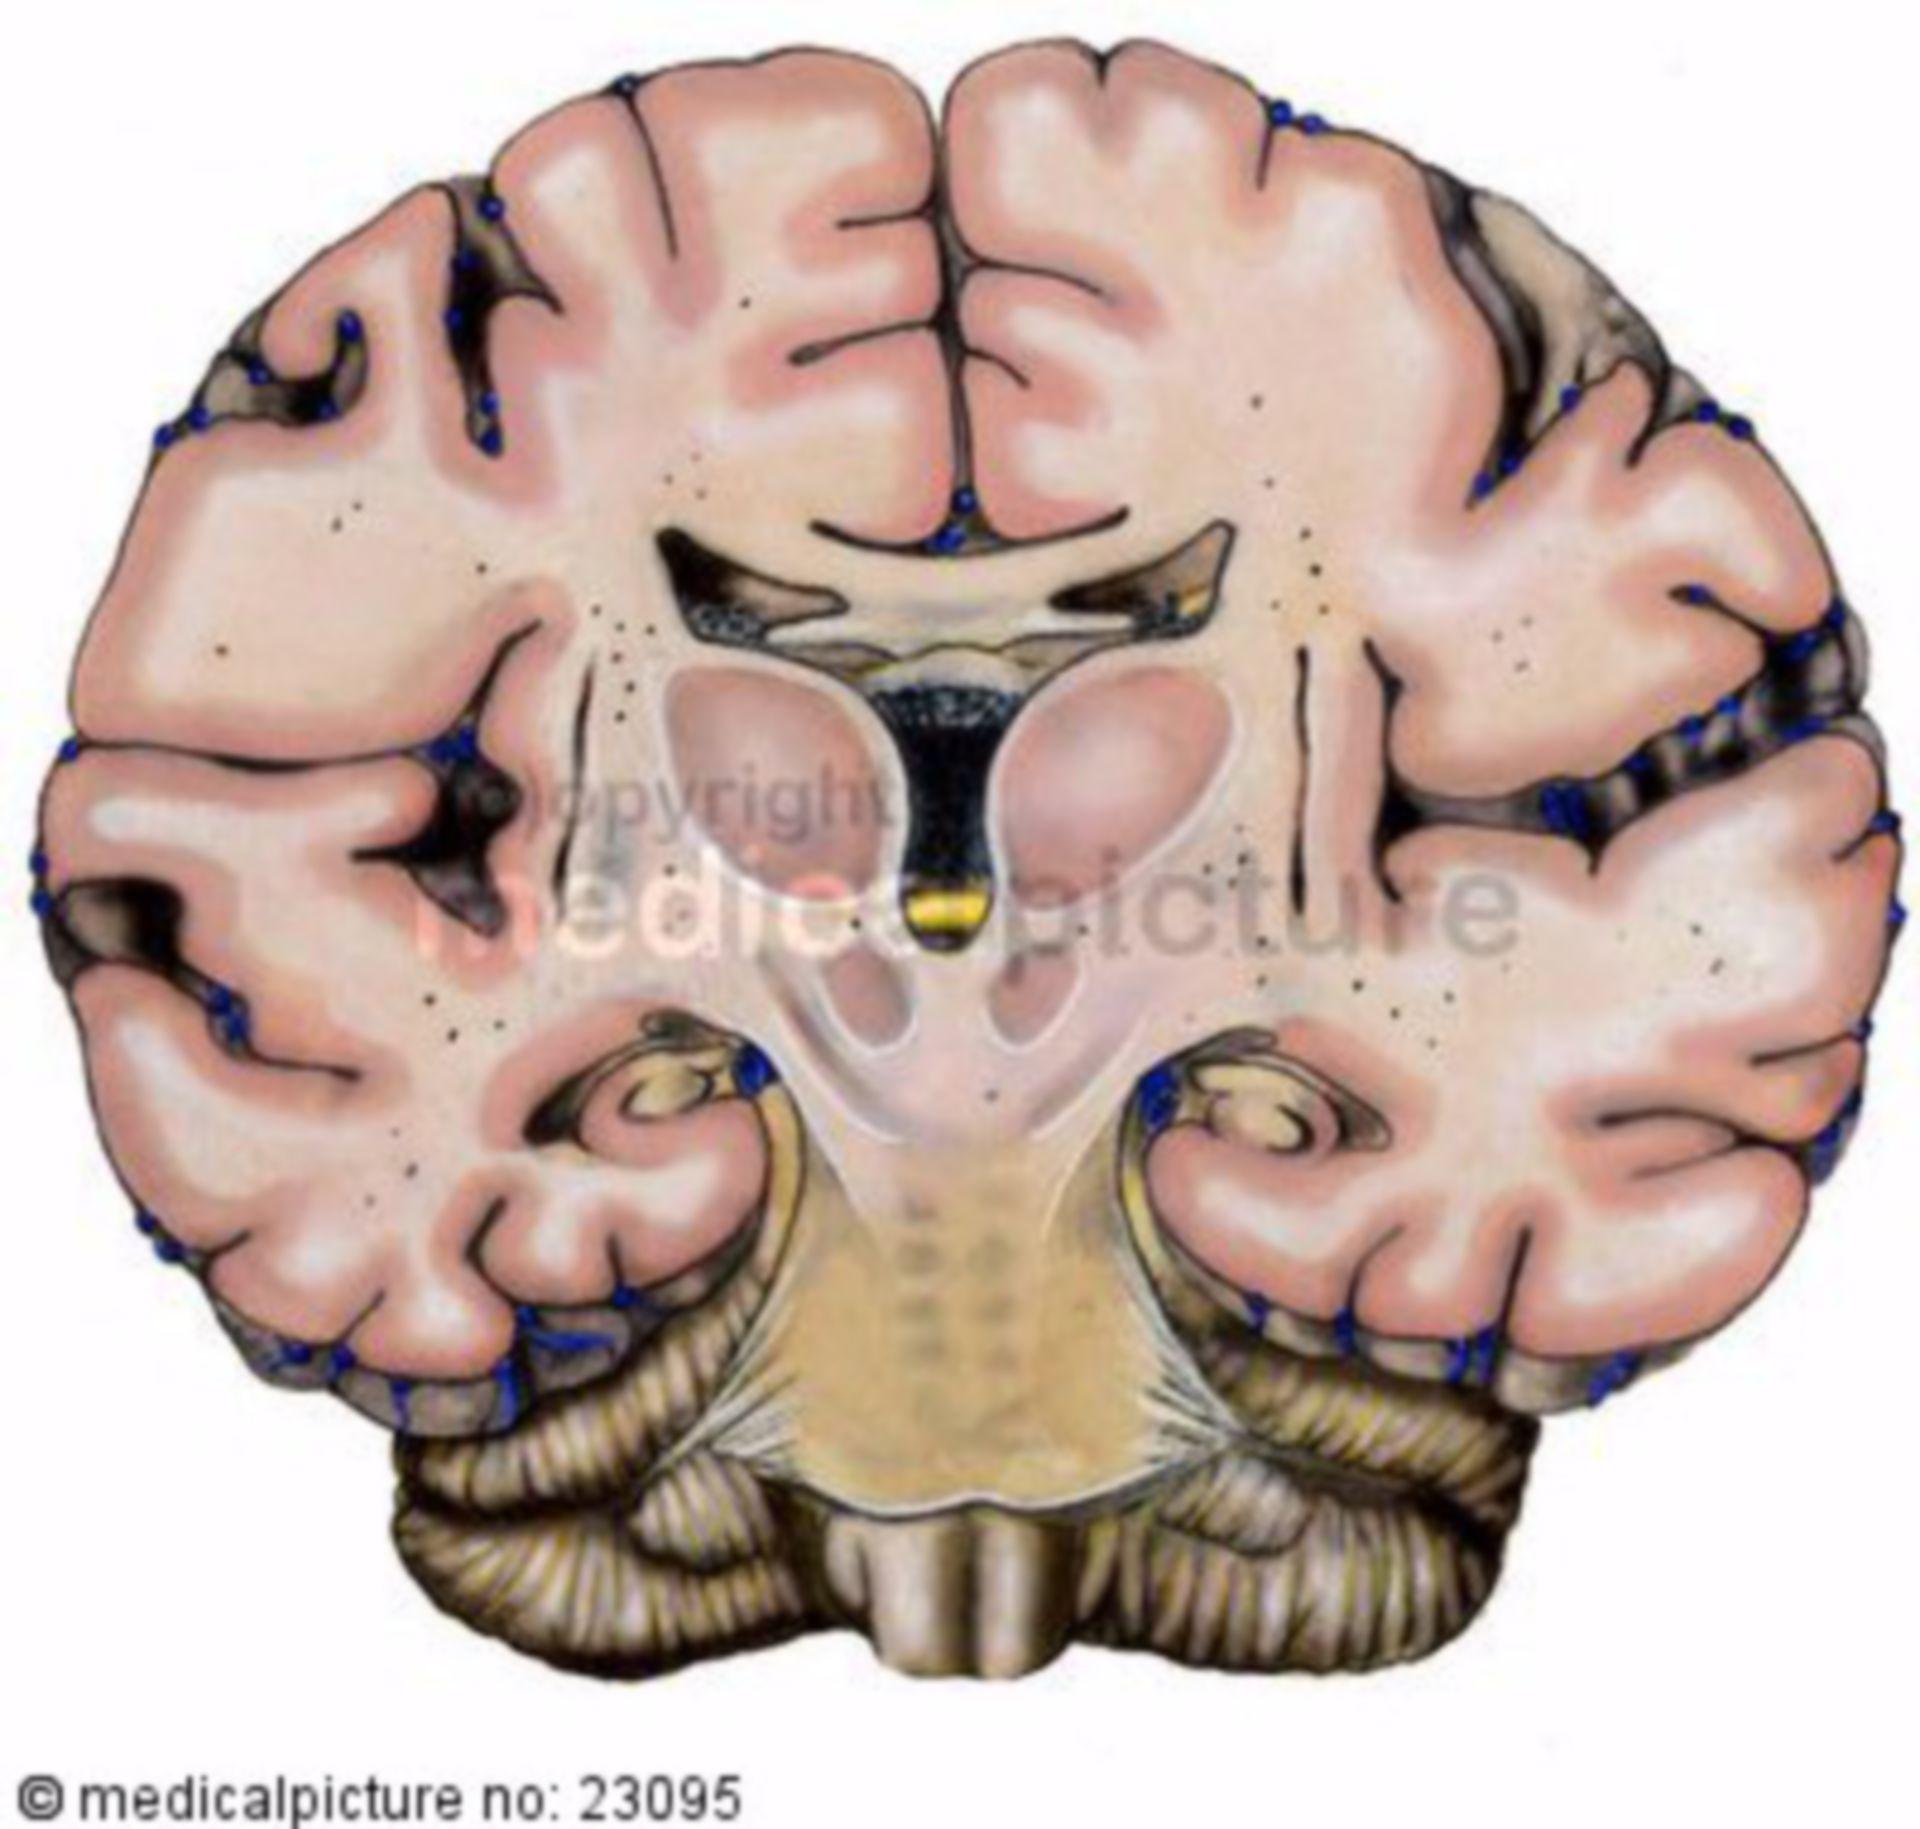 Cervello in una sezione frontale